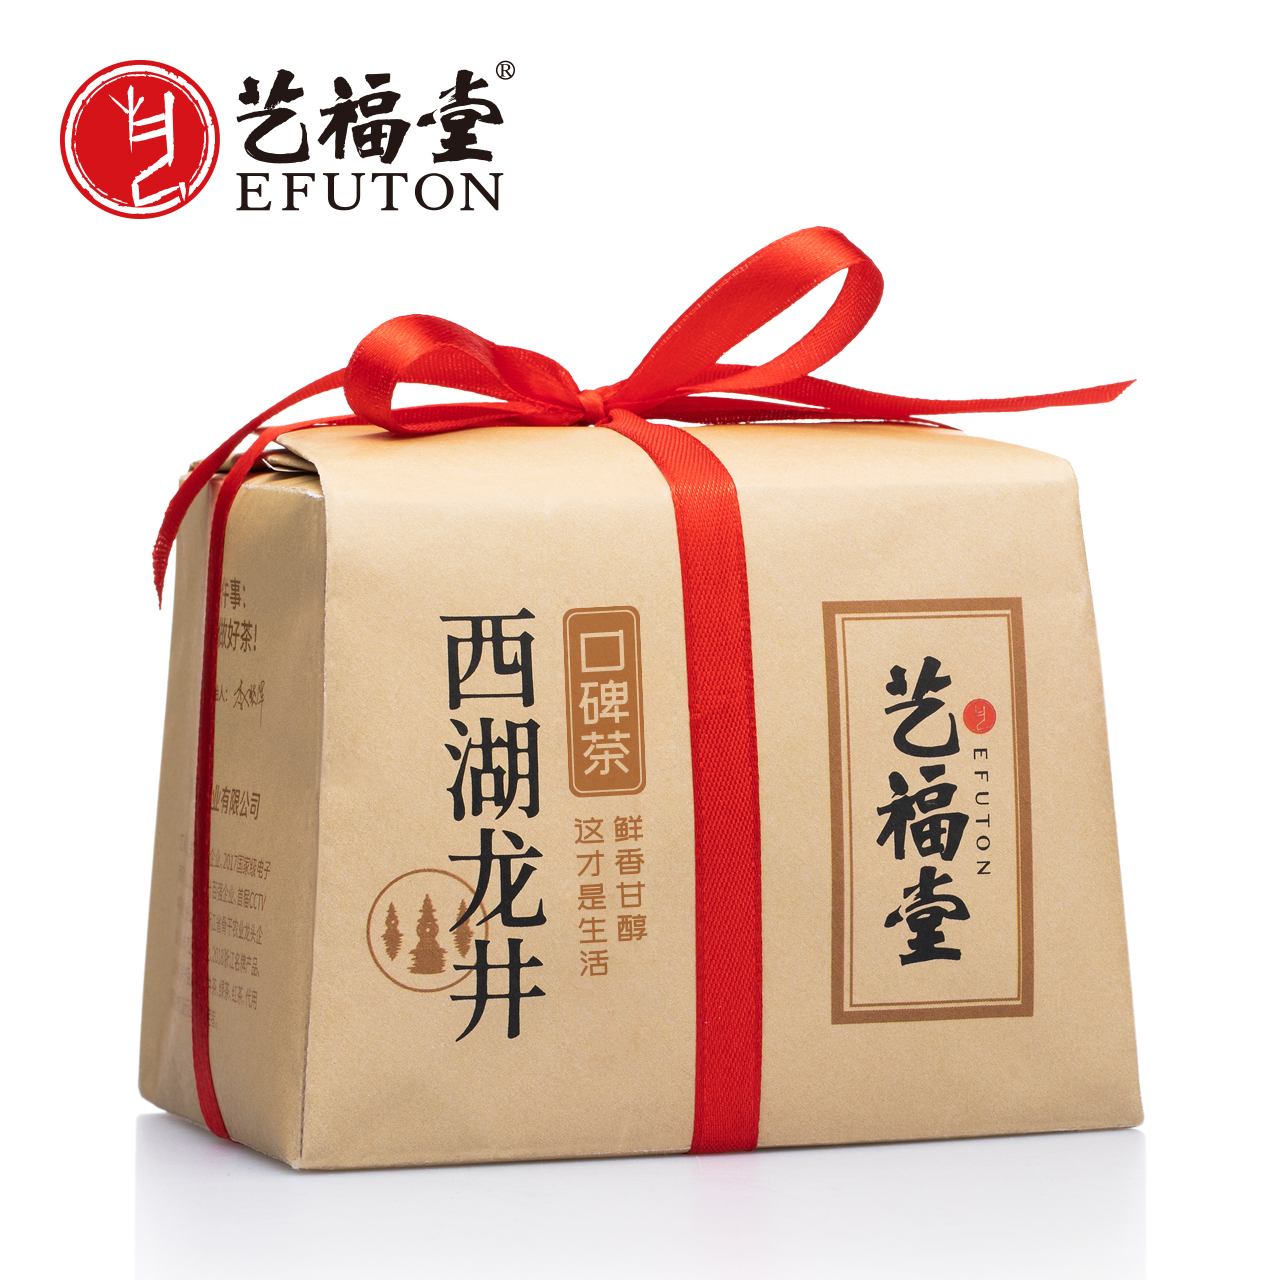 2019新茶上市艺福堂茶叶西湖龙井茶明前口碑茶叶春茶散装绿茶250g